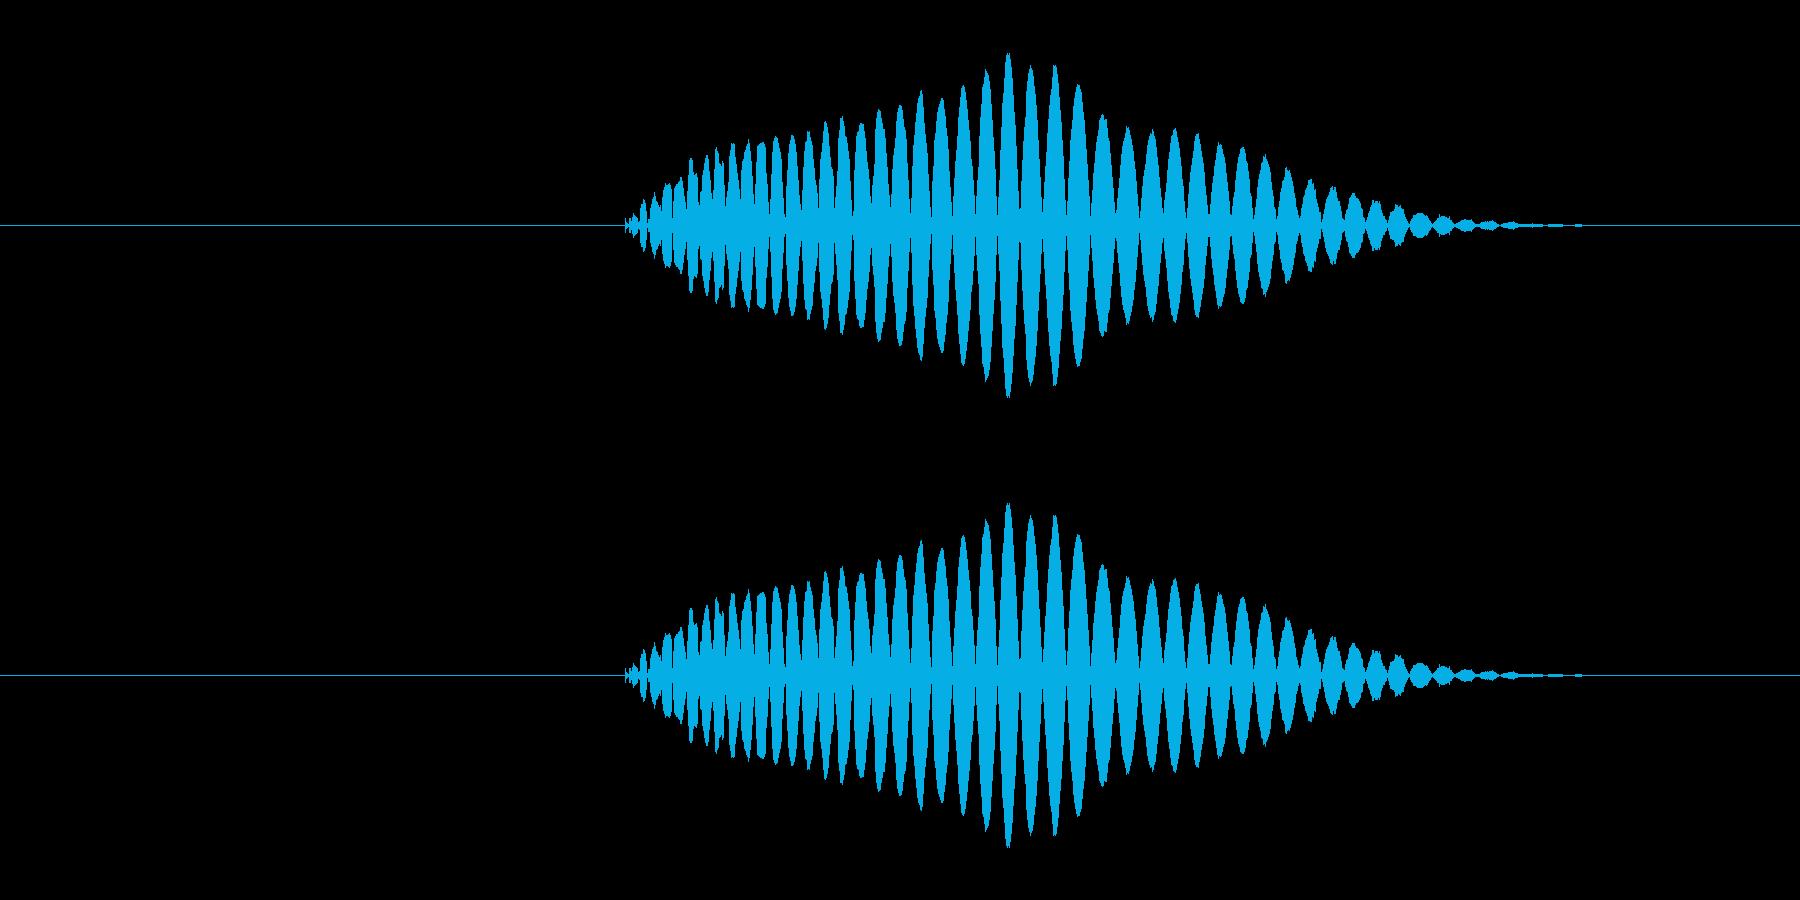 決定・キャンセル音1の再生済みの波形